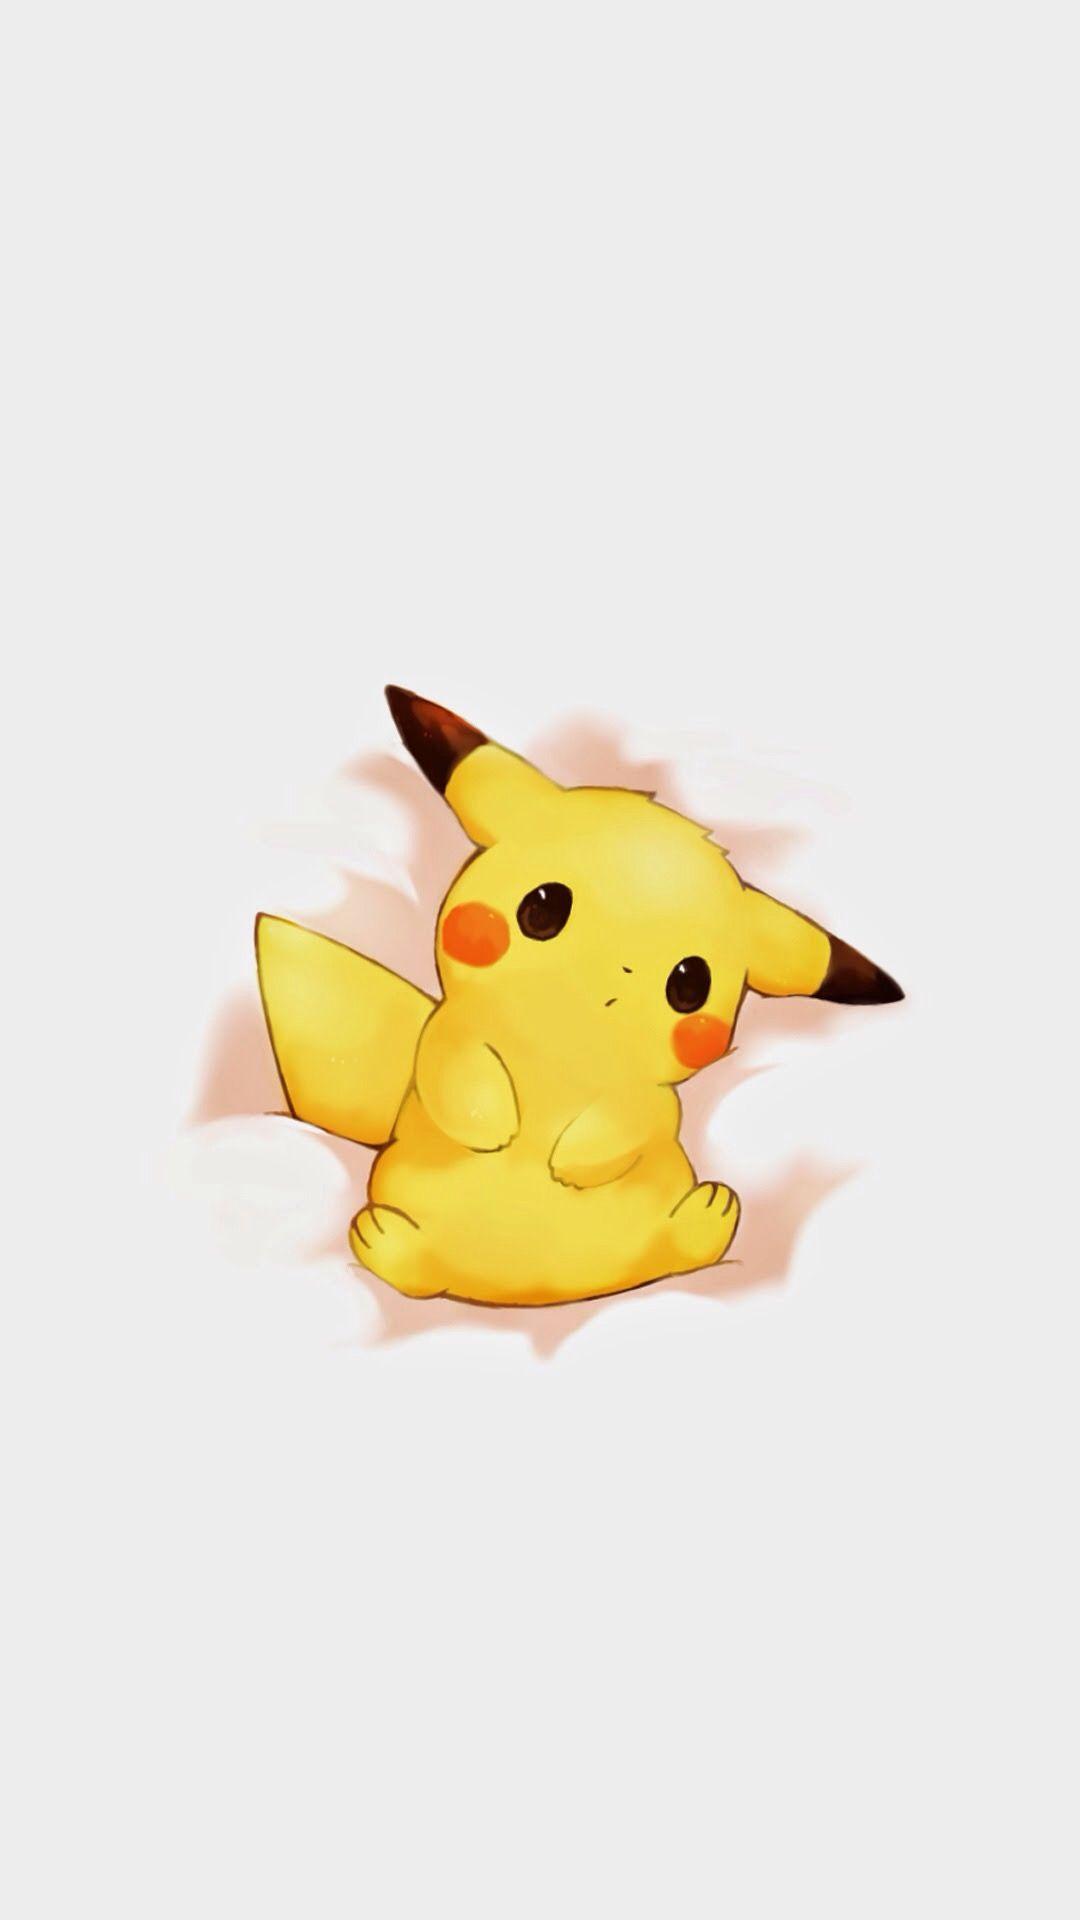 Pikachu Pokemon Pikachu Wallpaper Iphone Cute Cartoon Wallpapers Cute Pikachu